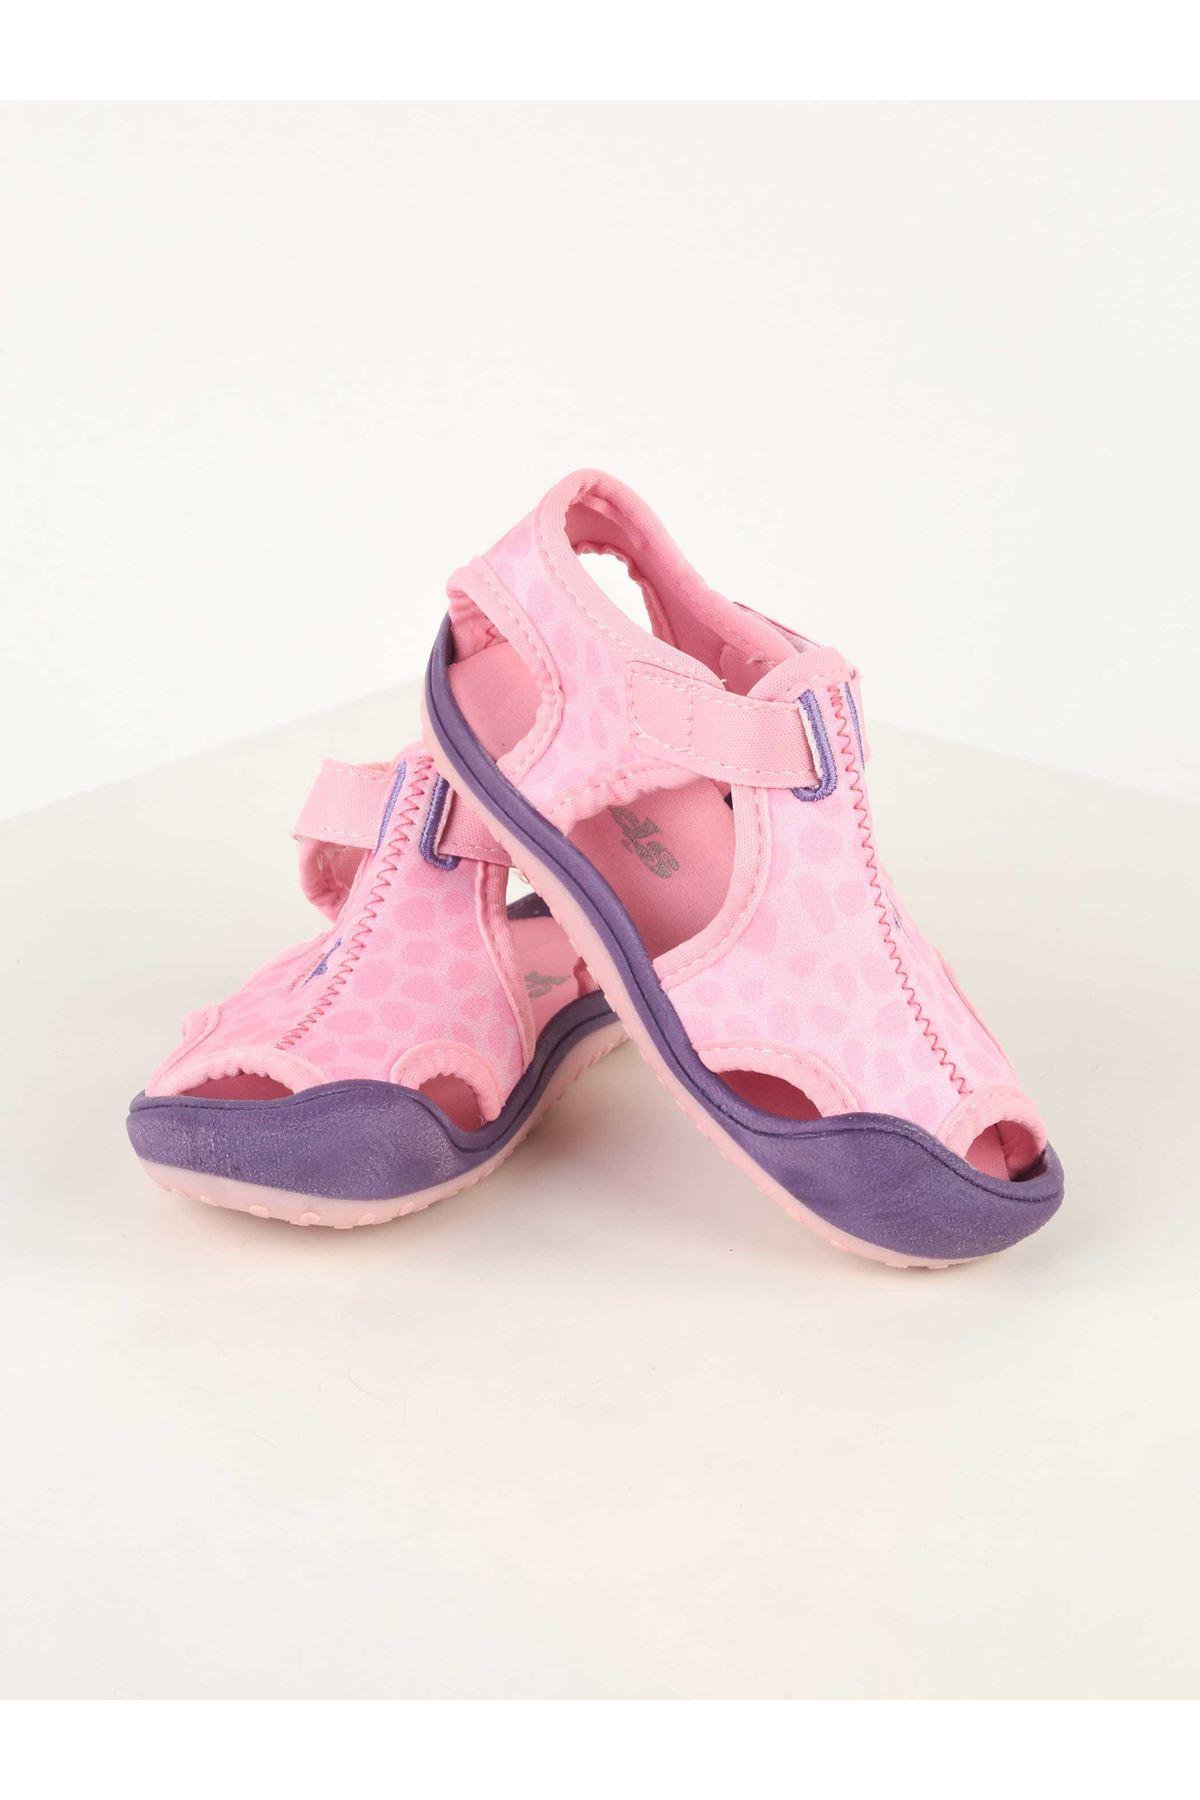 Pembe Desenli Kız Bebek Sandalet Ayakkabı